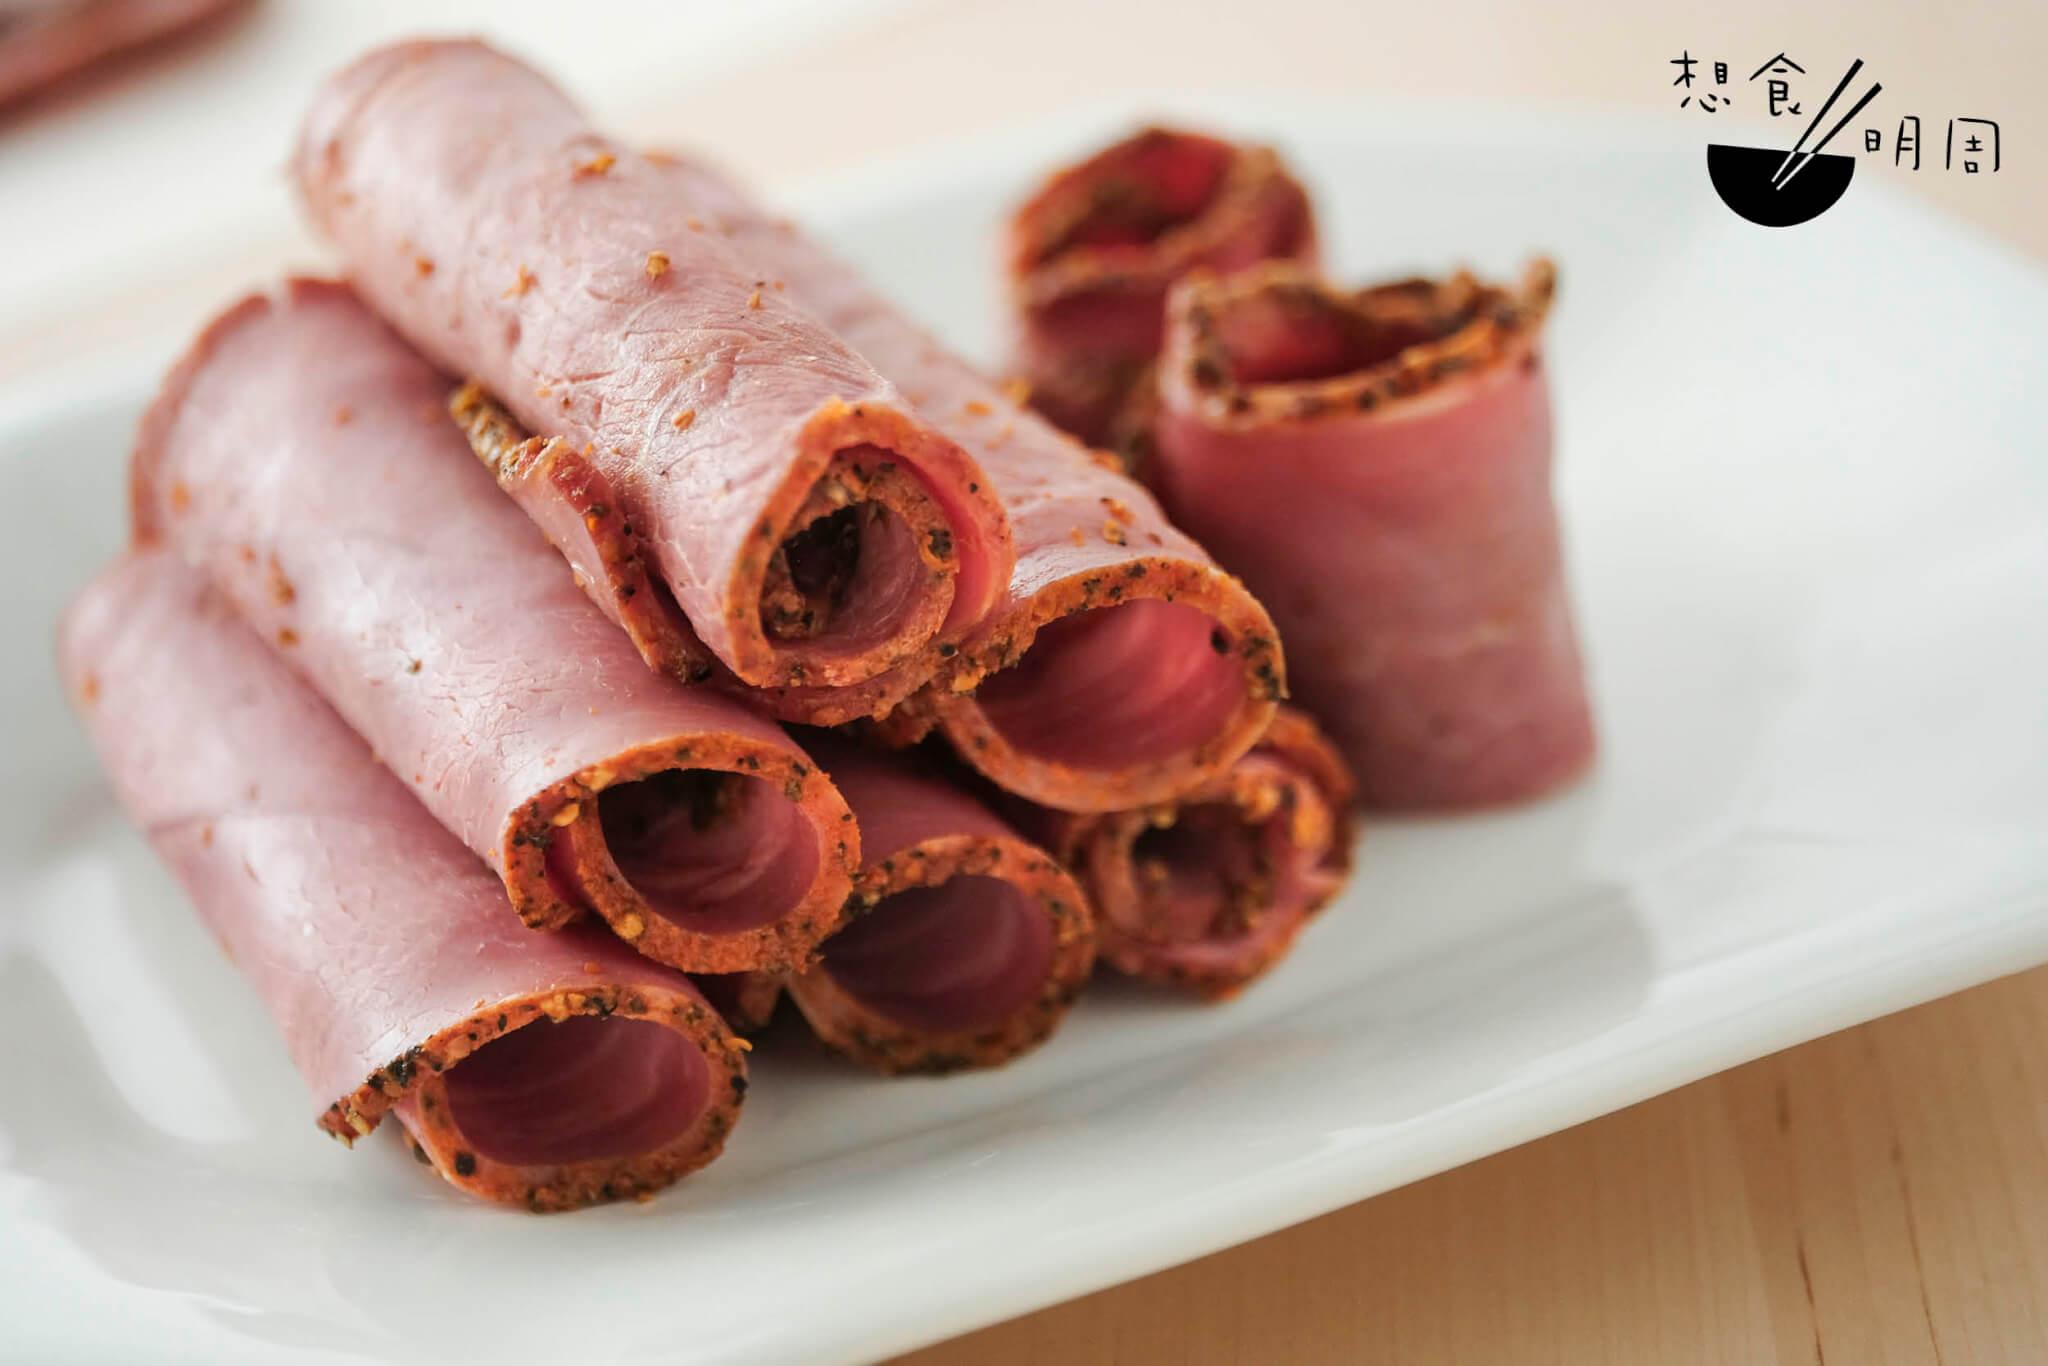 黑椒煙燻牛肉片 // 即開即食,濃郁惹味,建議切半,捲車厘茄以中和味道。($98)